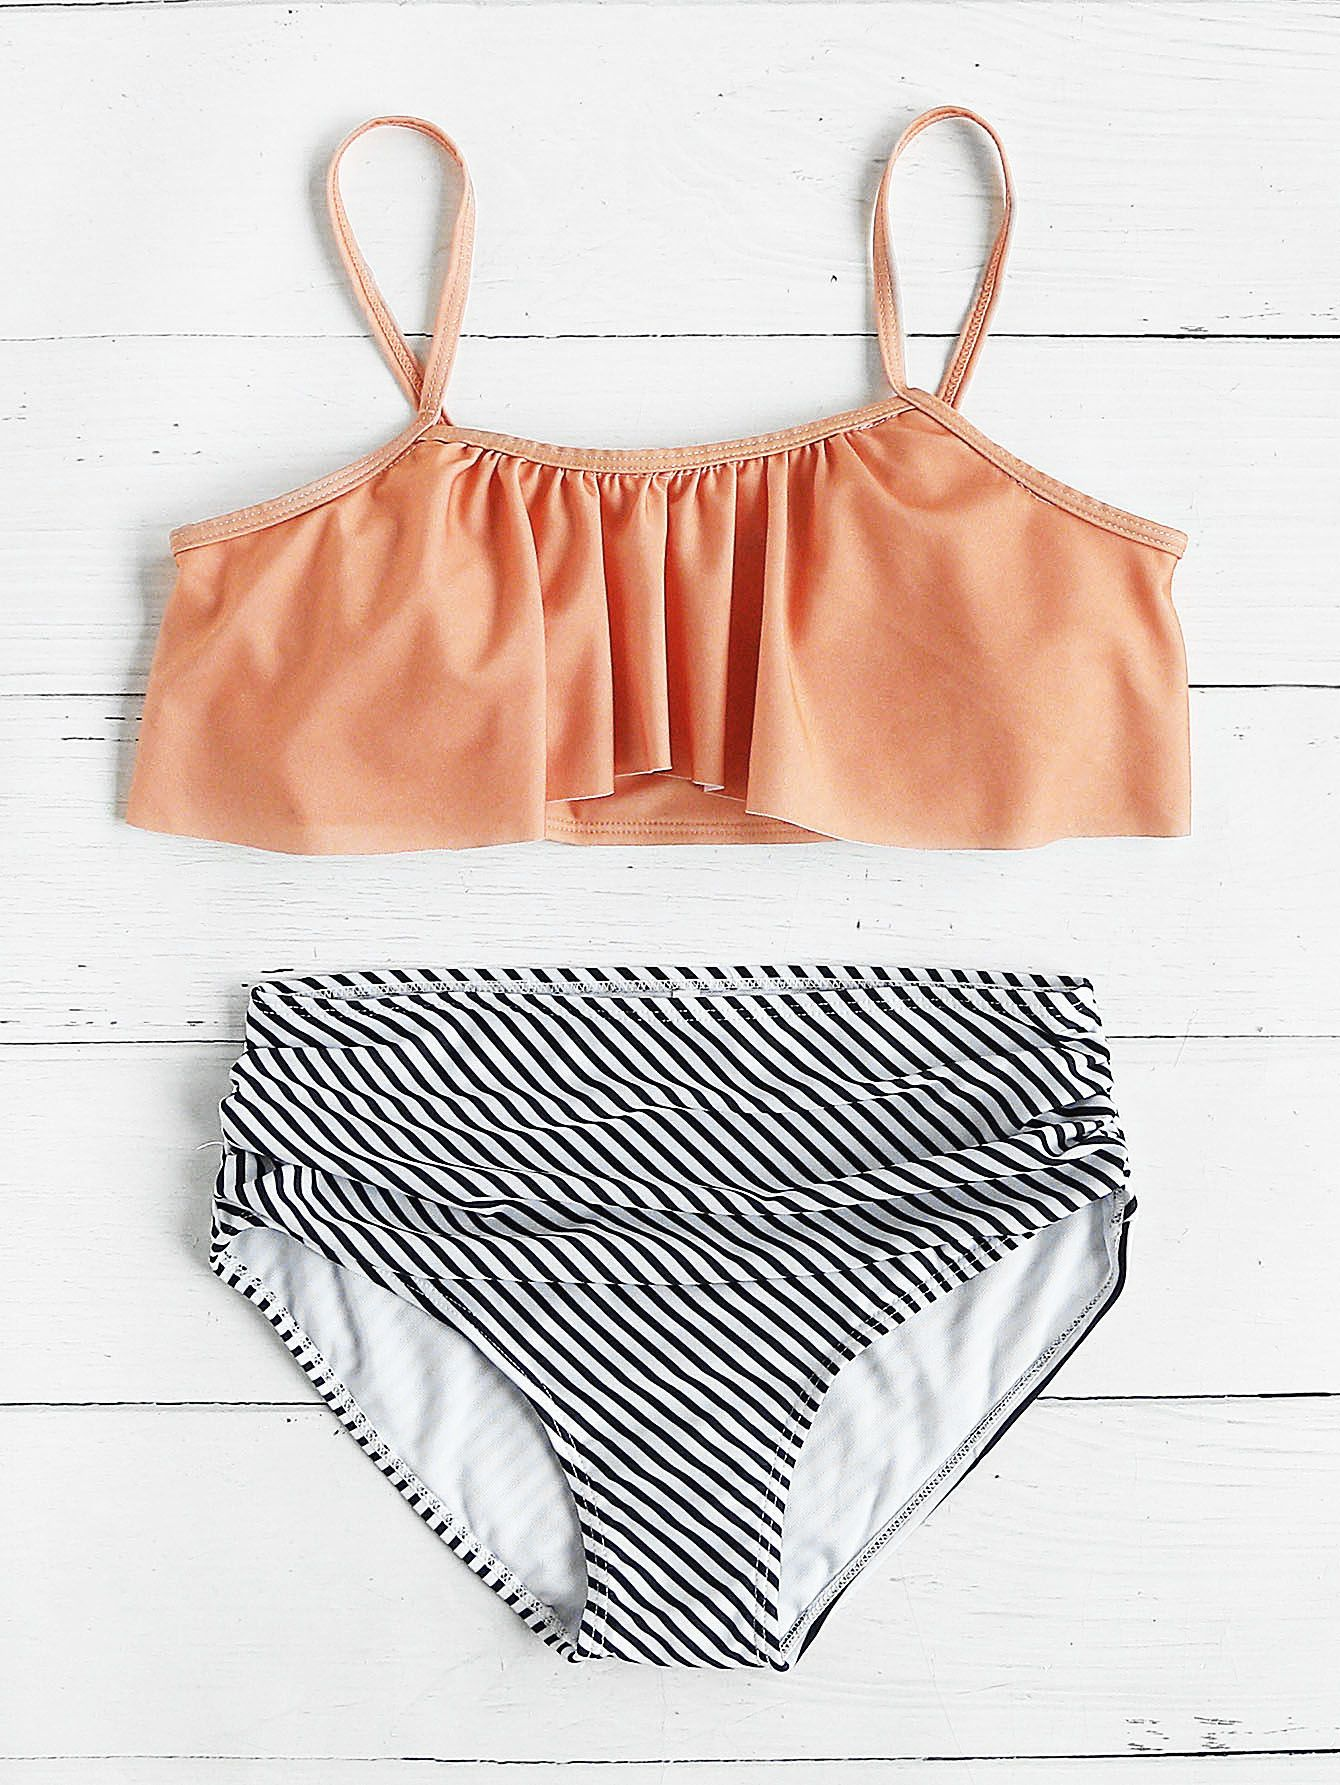 d57b7289c8 Shop Striped Print Mix & Match Flounce Bikini Set online. SheIn offers  Striped Print Mix & Match Flounce Bikini Set & more to fit your fashionable  needs.